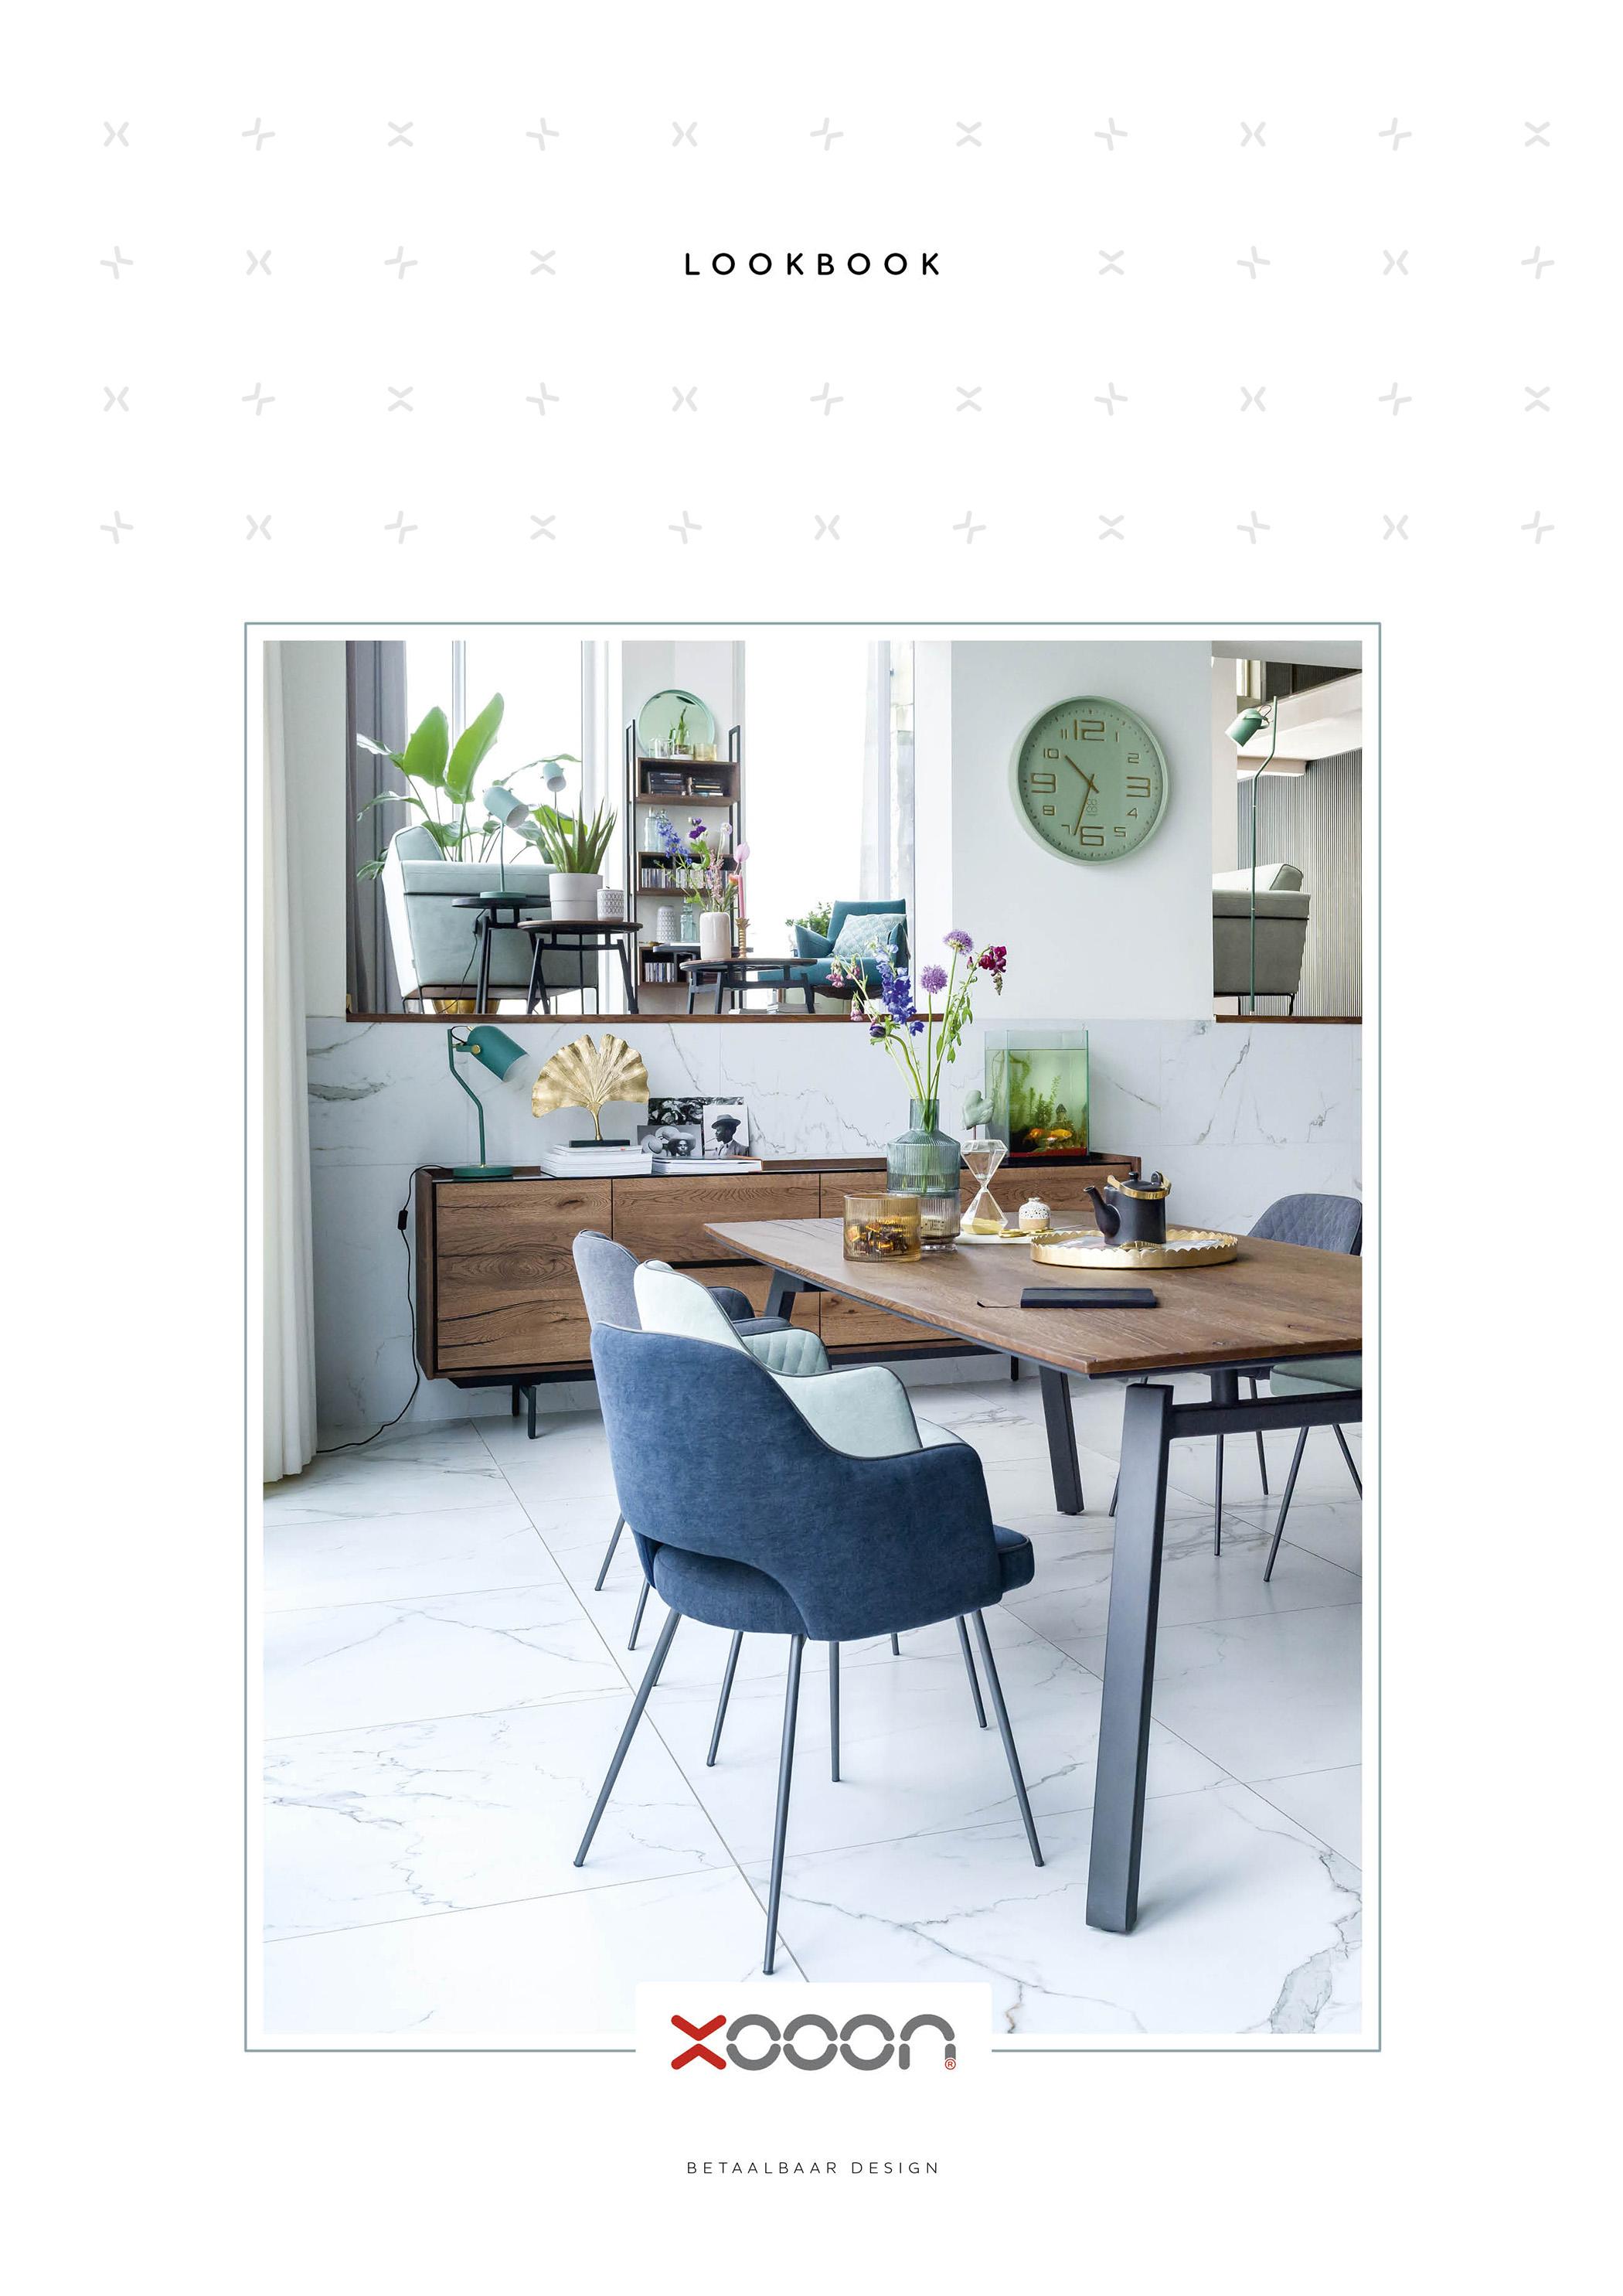 Xooon meubels. Vraag het gratis lookbook aan ter inspiratie